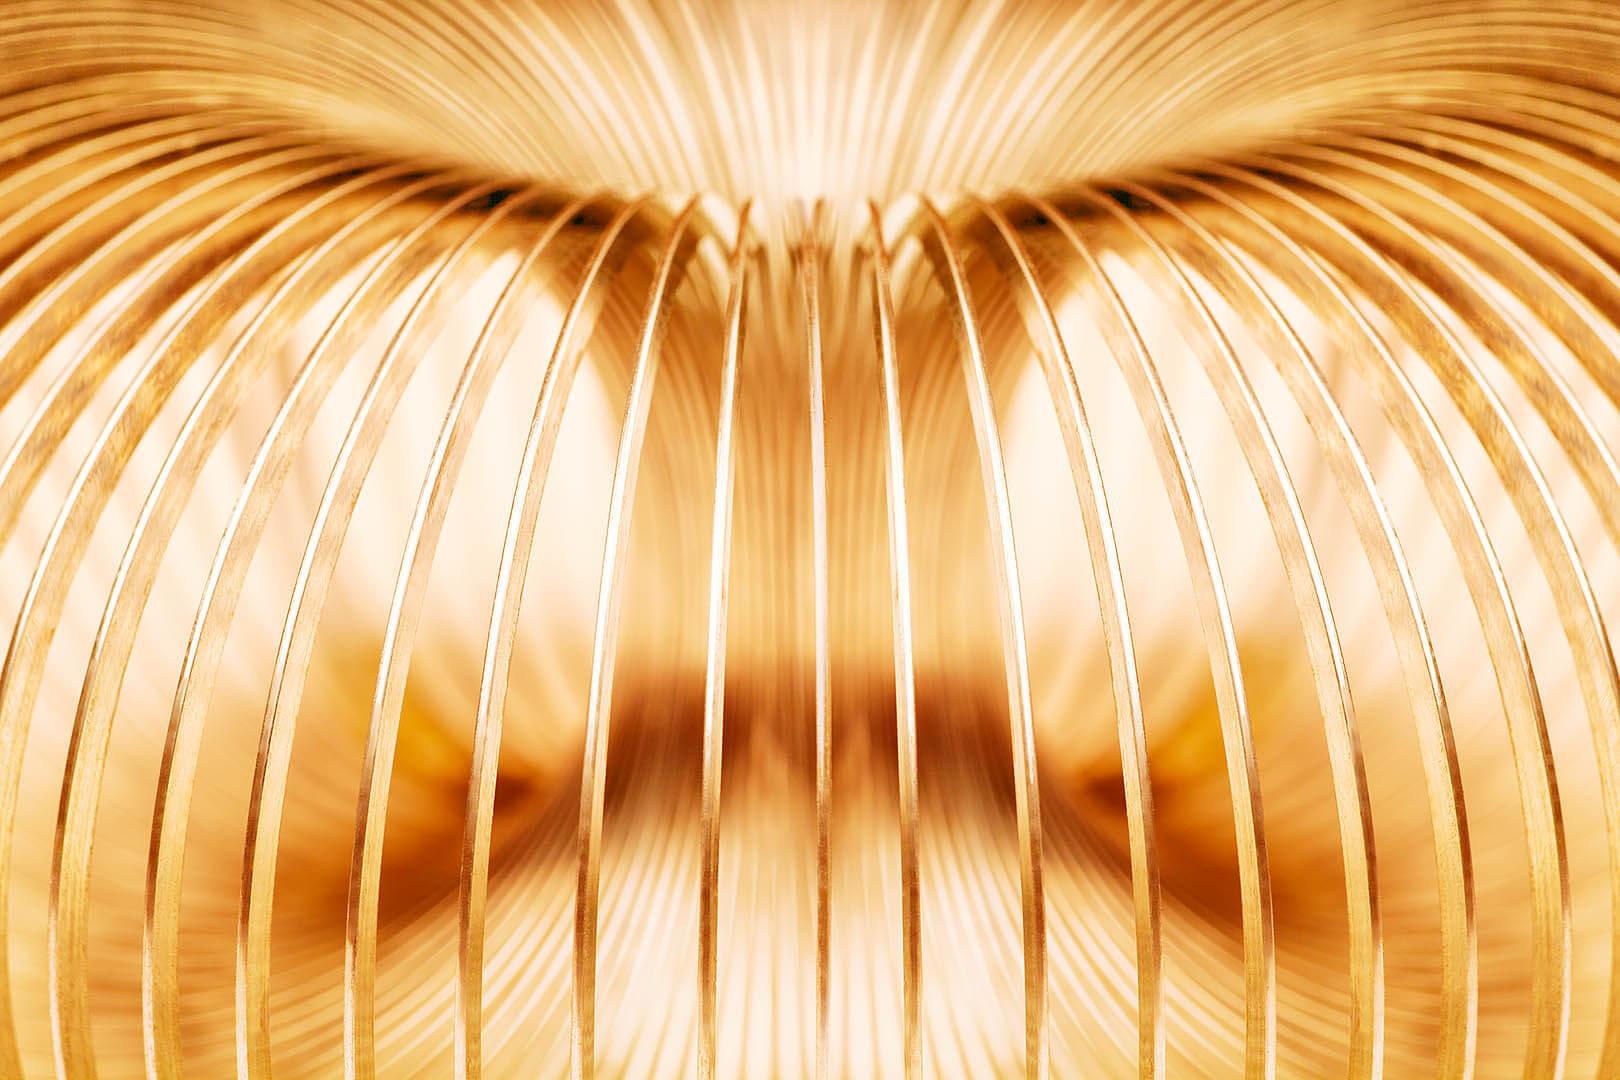 Metal Slinky #4